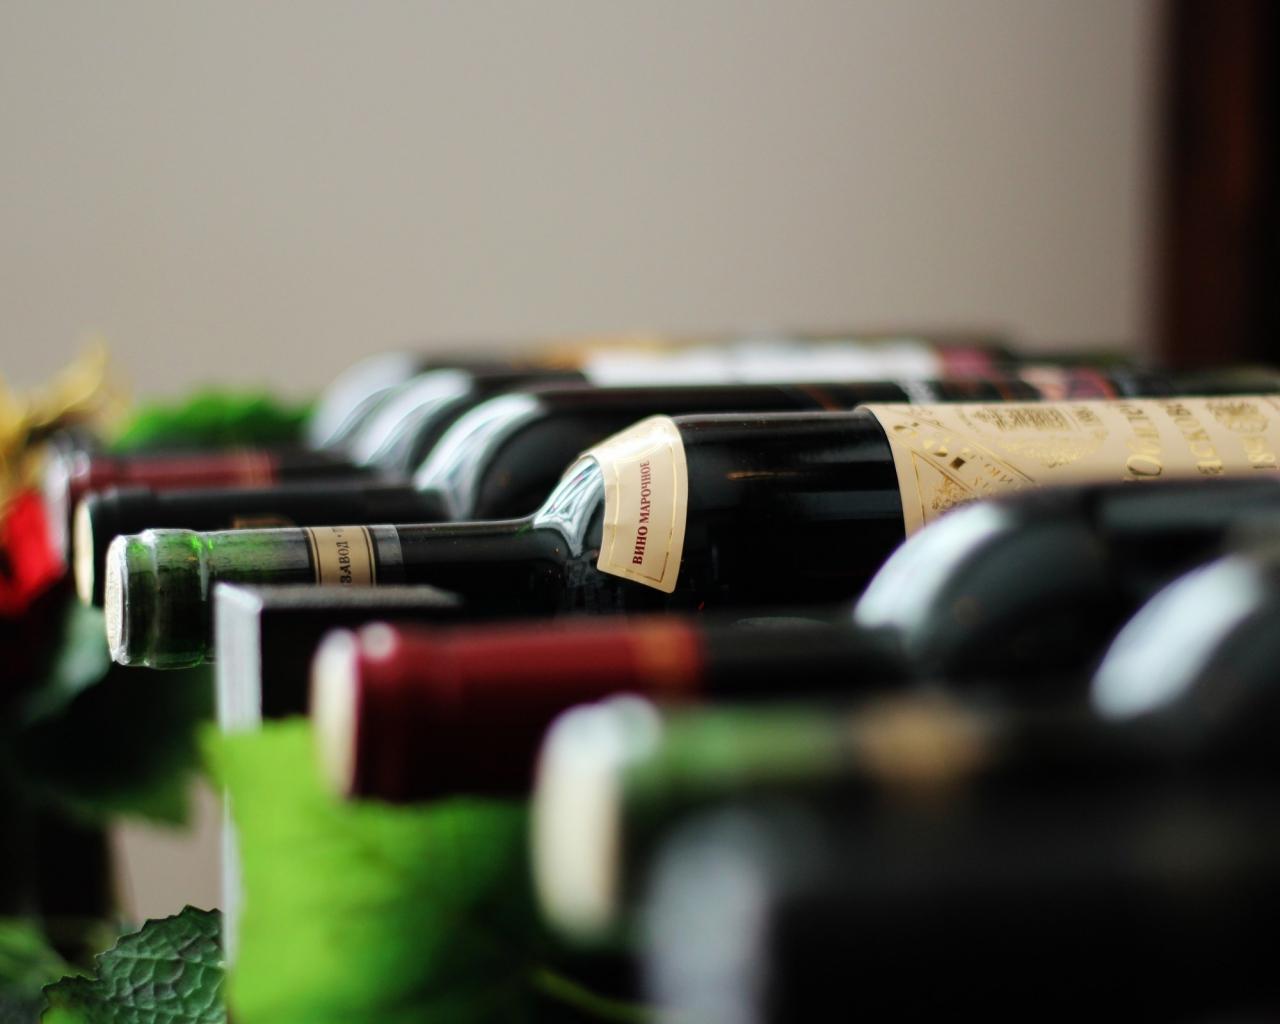 失敗しない!初心者でも分かる美味しいワインの見分け方!